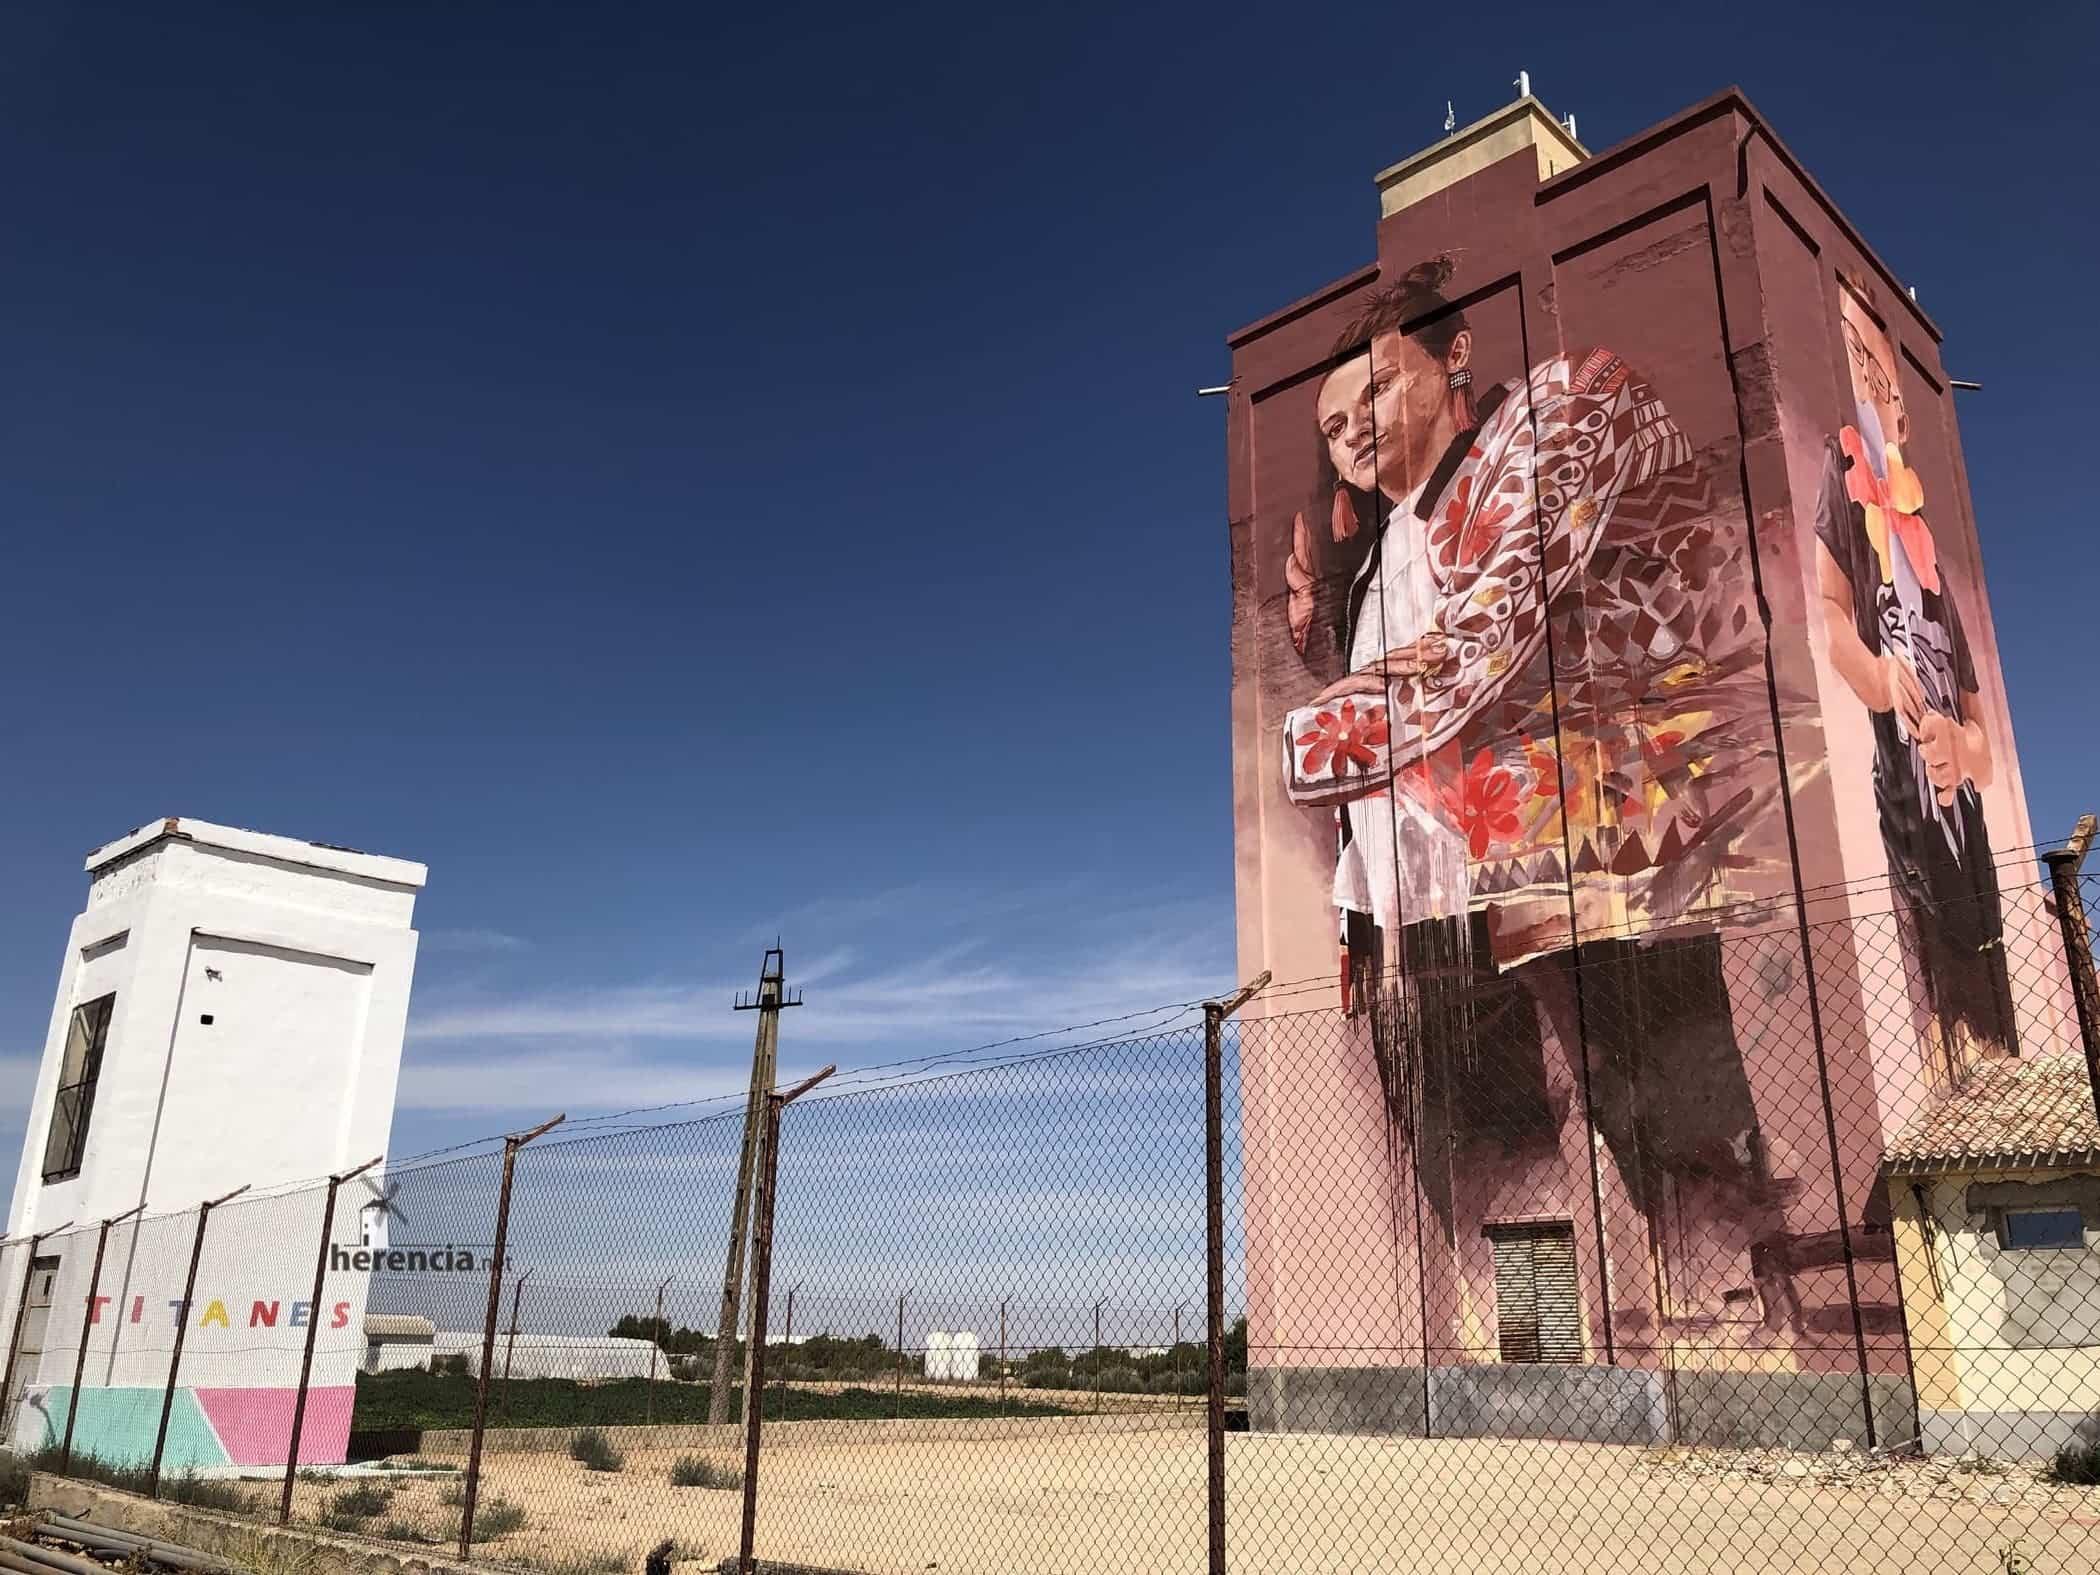 silo de trigo herencia pintado 2020 - Herencia en el concurso para elegir El Pueblo más bonito de Castilla-La Mancha 2020